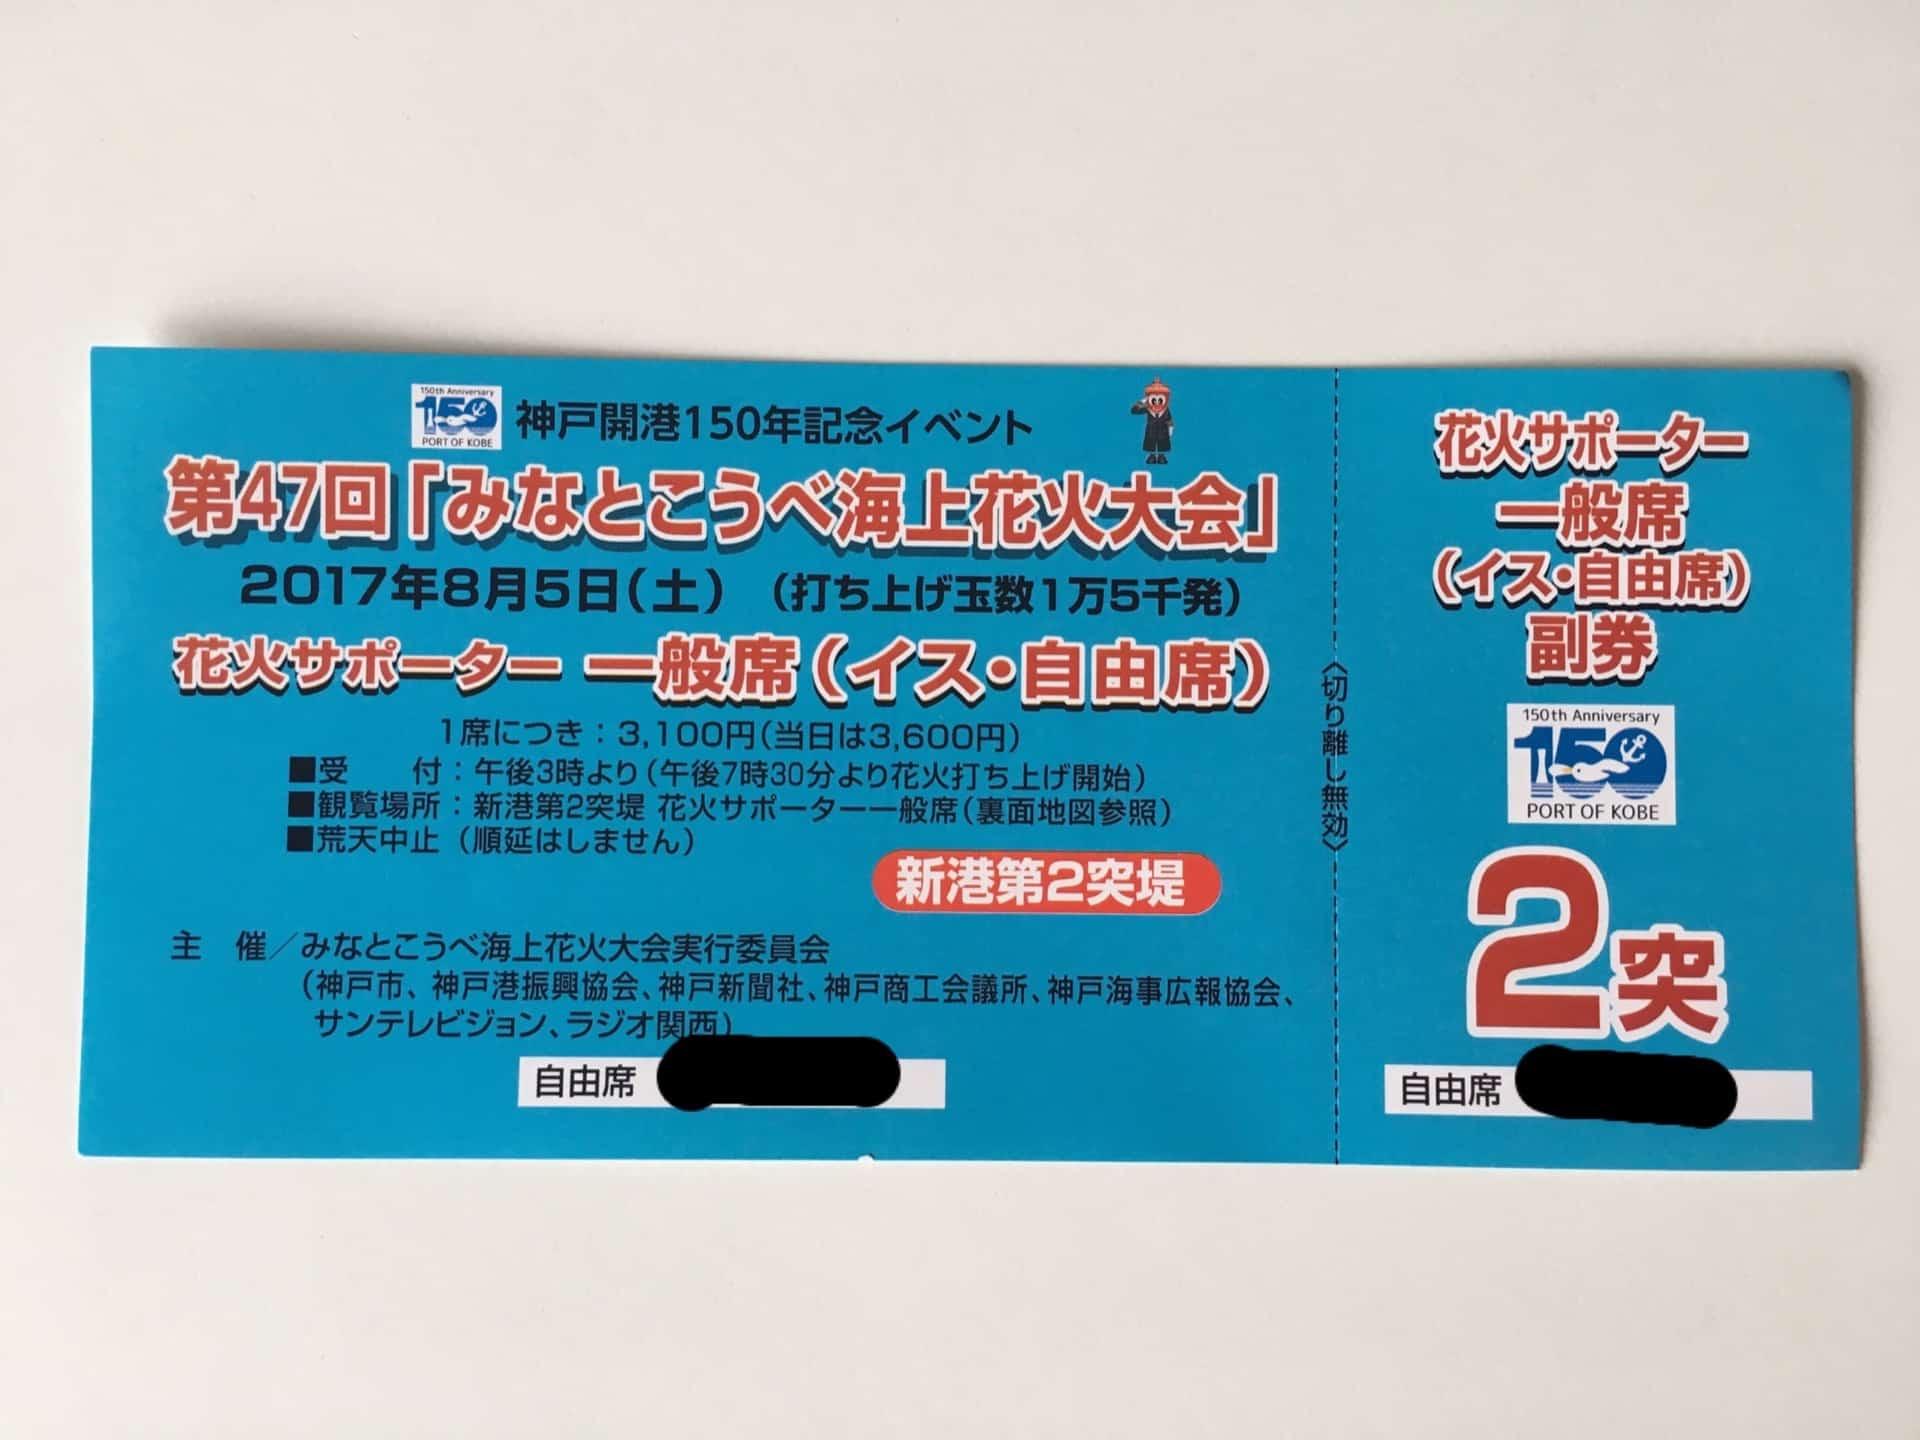 神戸の夏の風物詩!2018年みなとこうべ海上花火大会の有料席をお得に買う方法